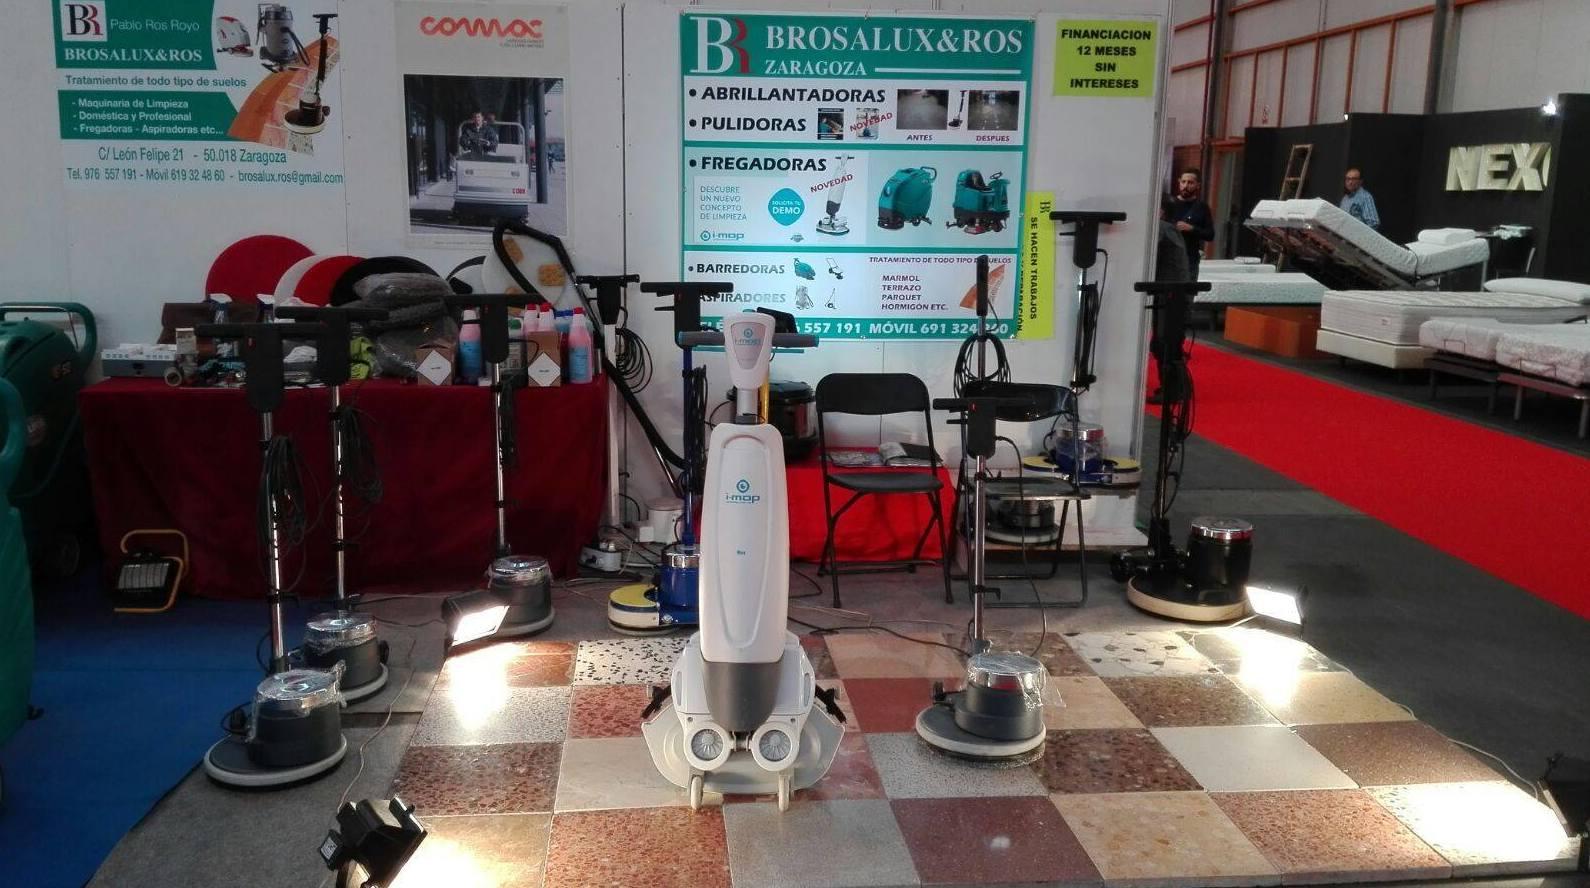 Brosalux Zaragoza